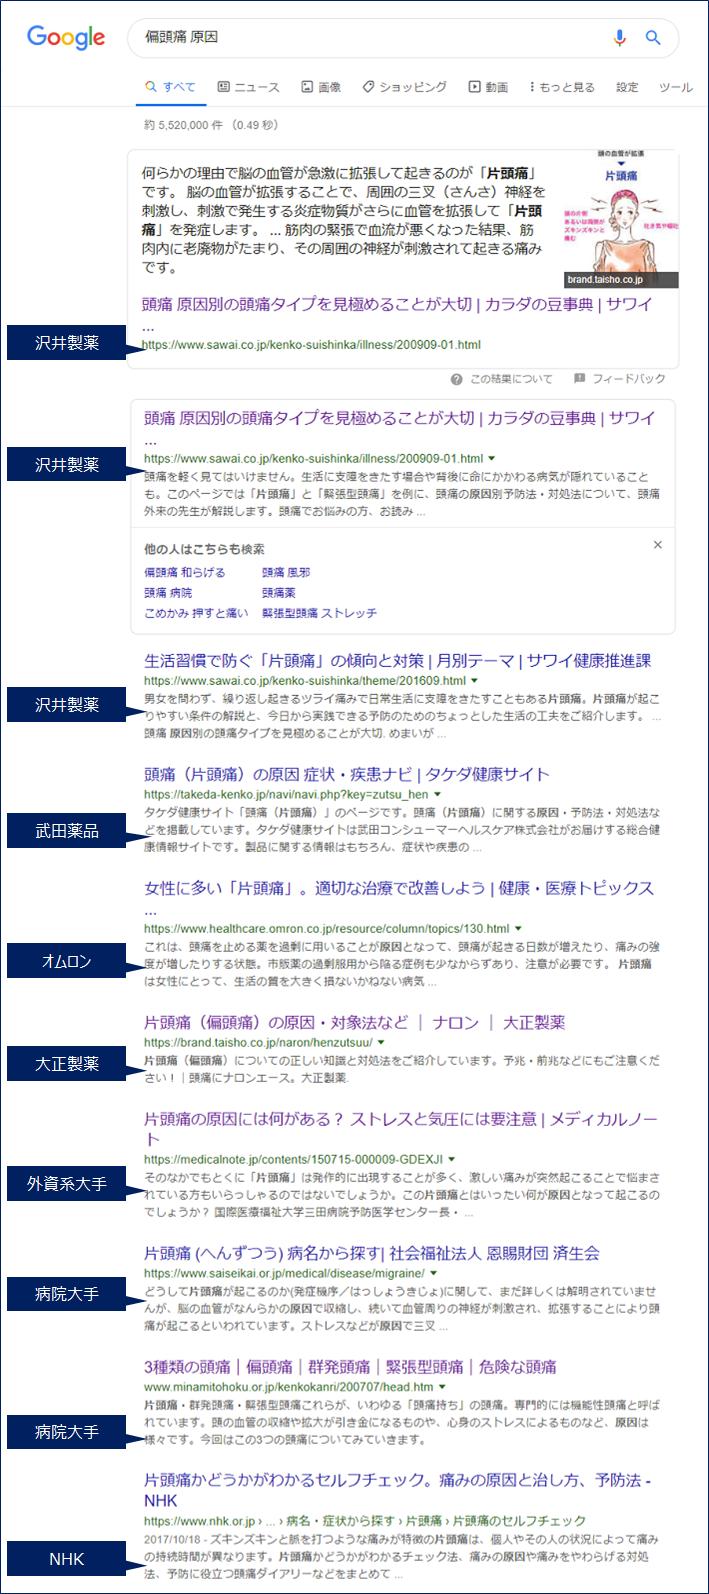 偏頭痛-原因のGoogle-検索結果